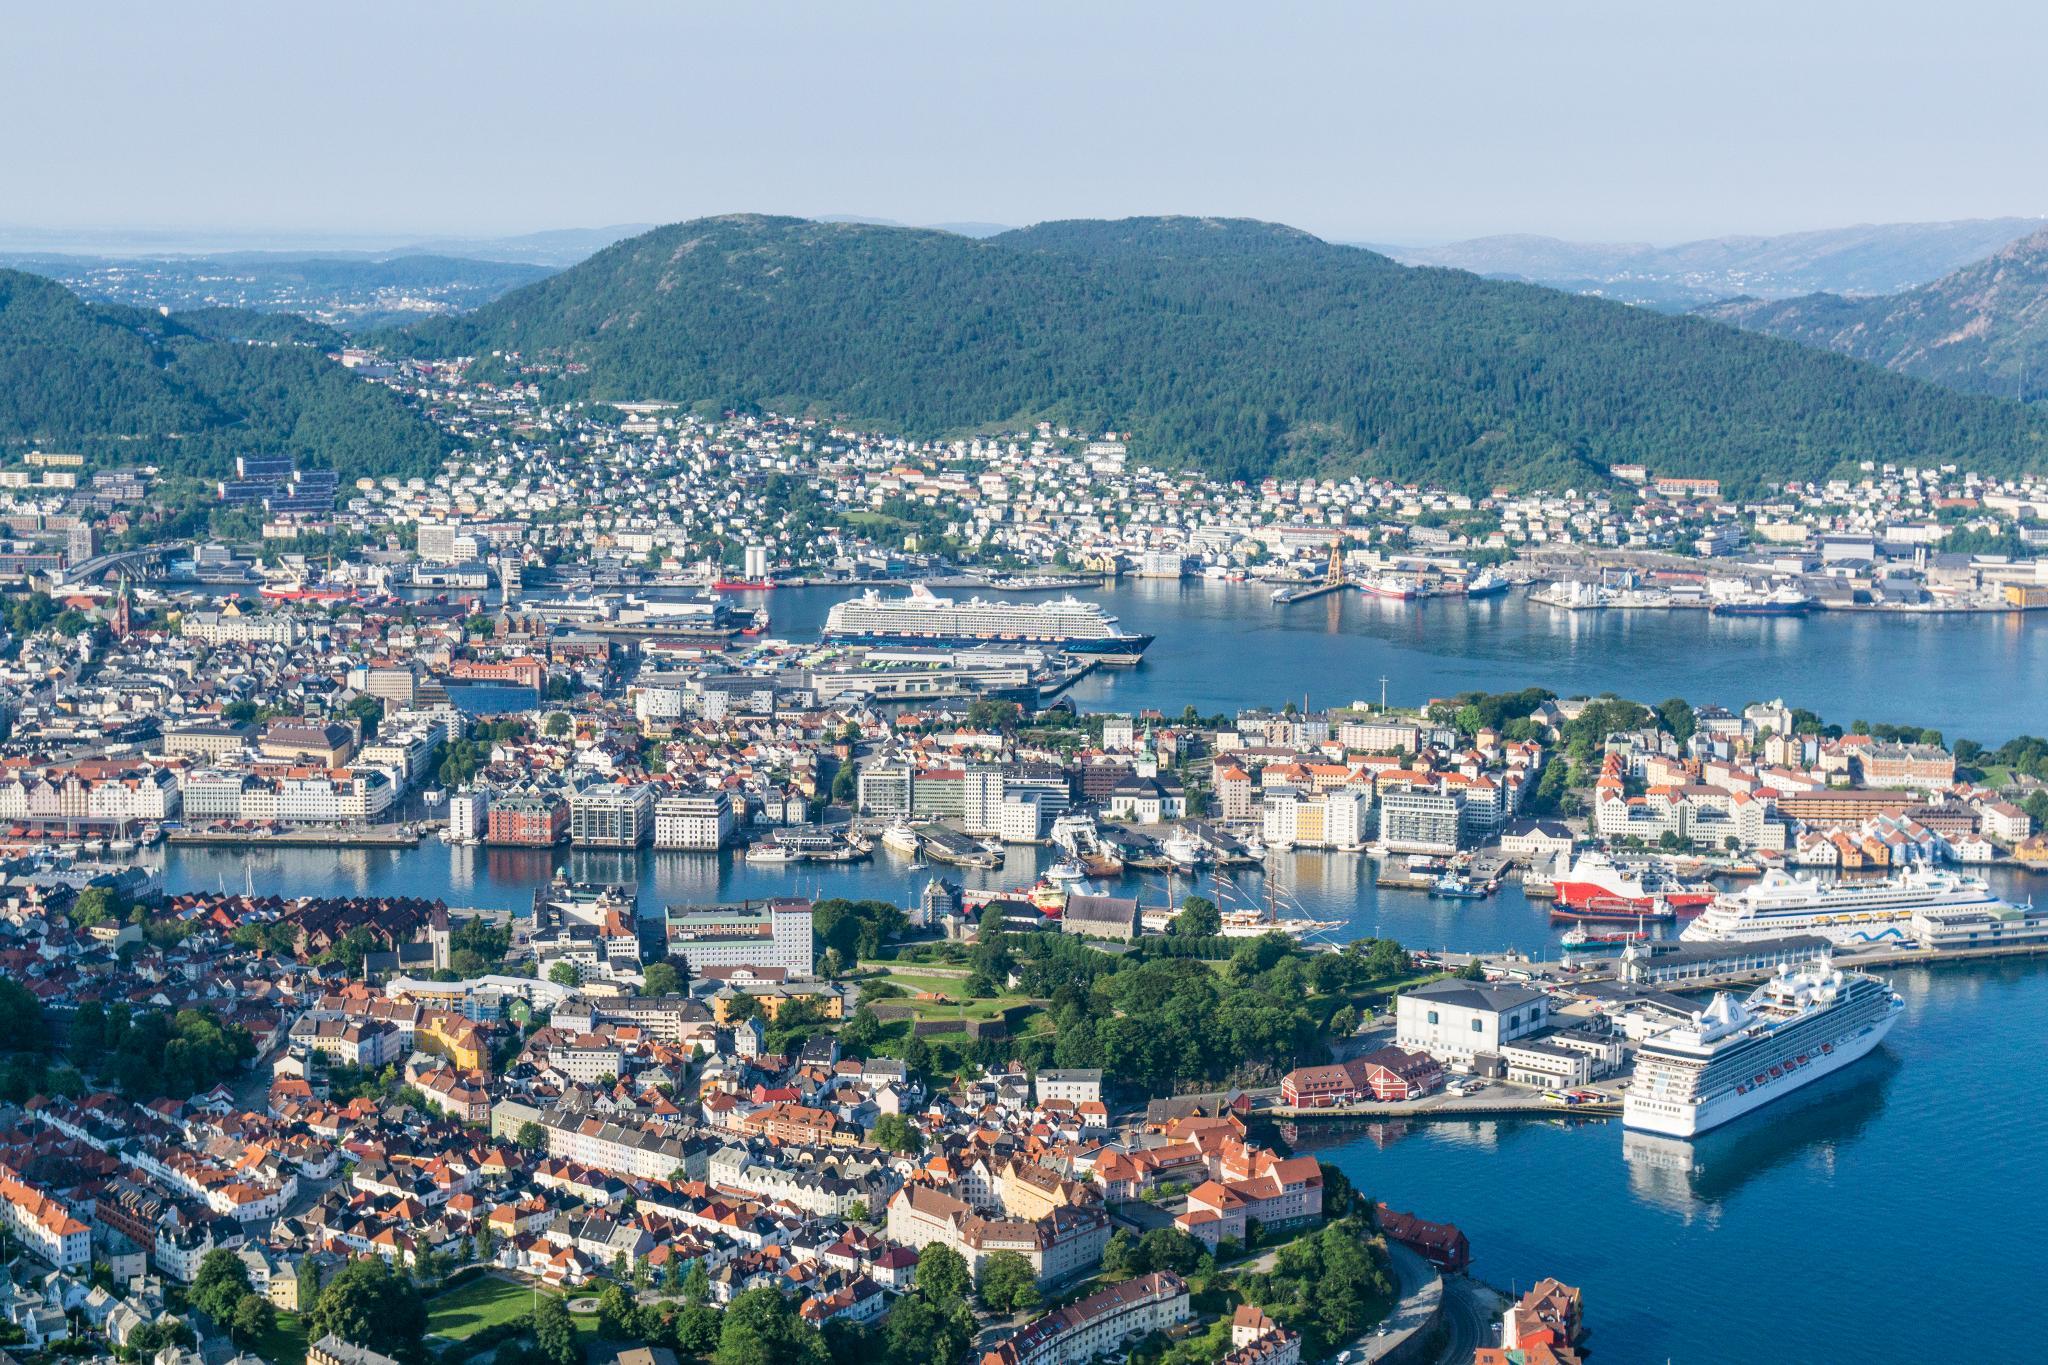 【卑爾根】超級震撼的隱藏版挪威景點 — Stoltzekleiven桑德維克斯石梯與Fløyen佛洛伊恩觀景台大縱走 12